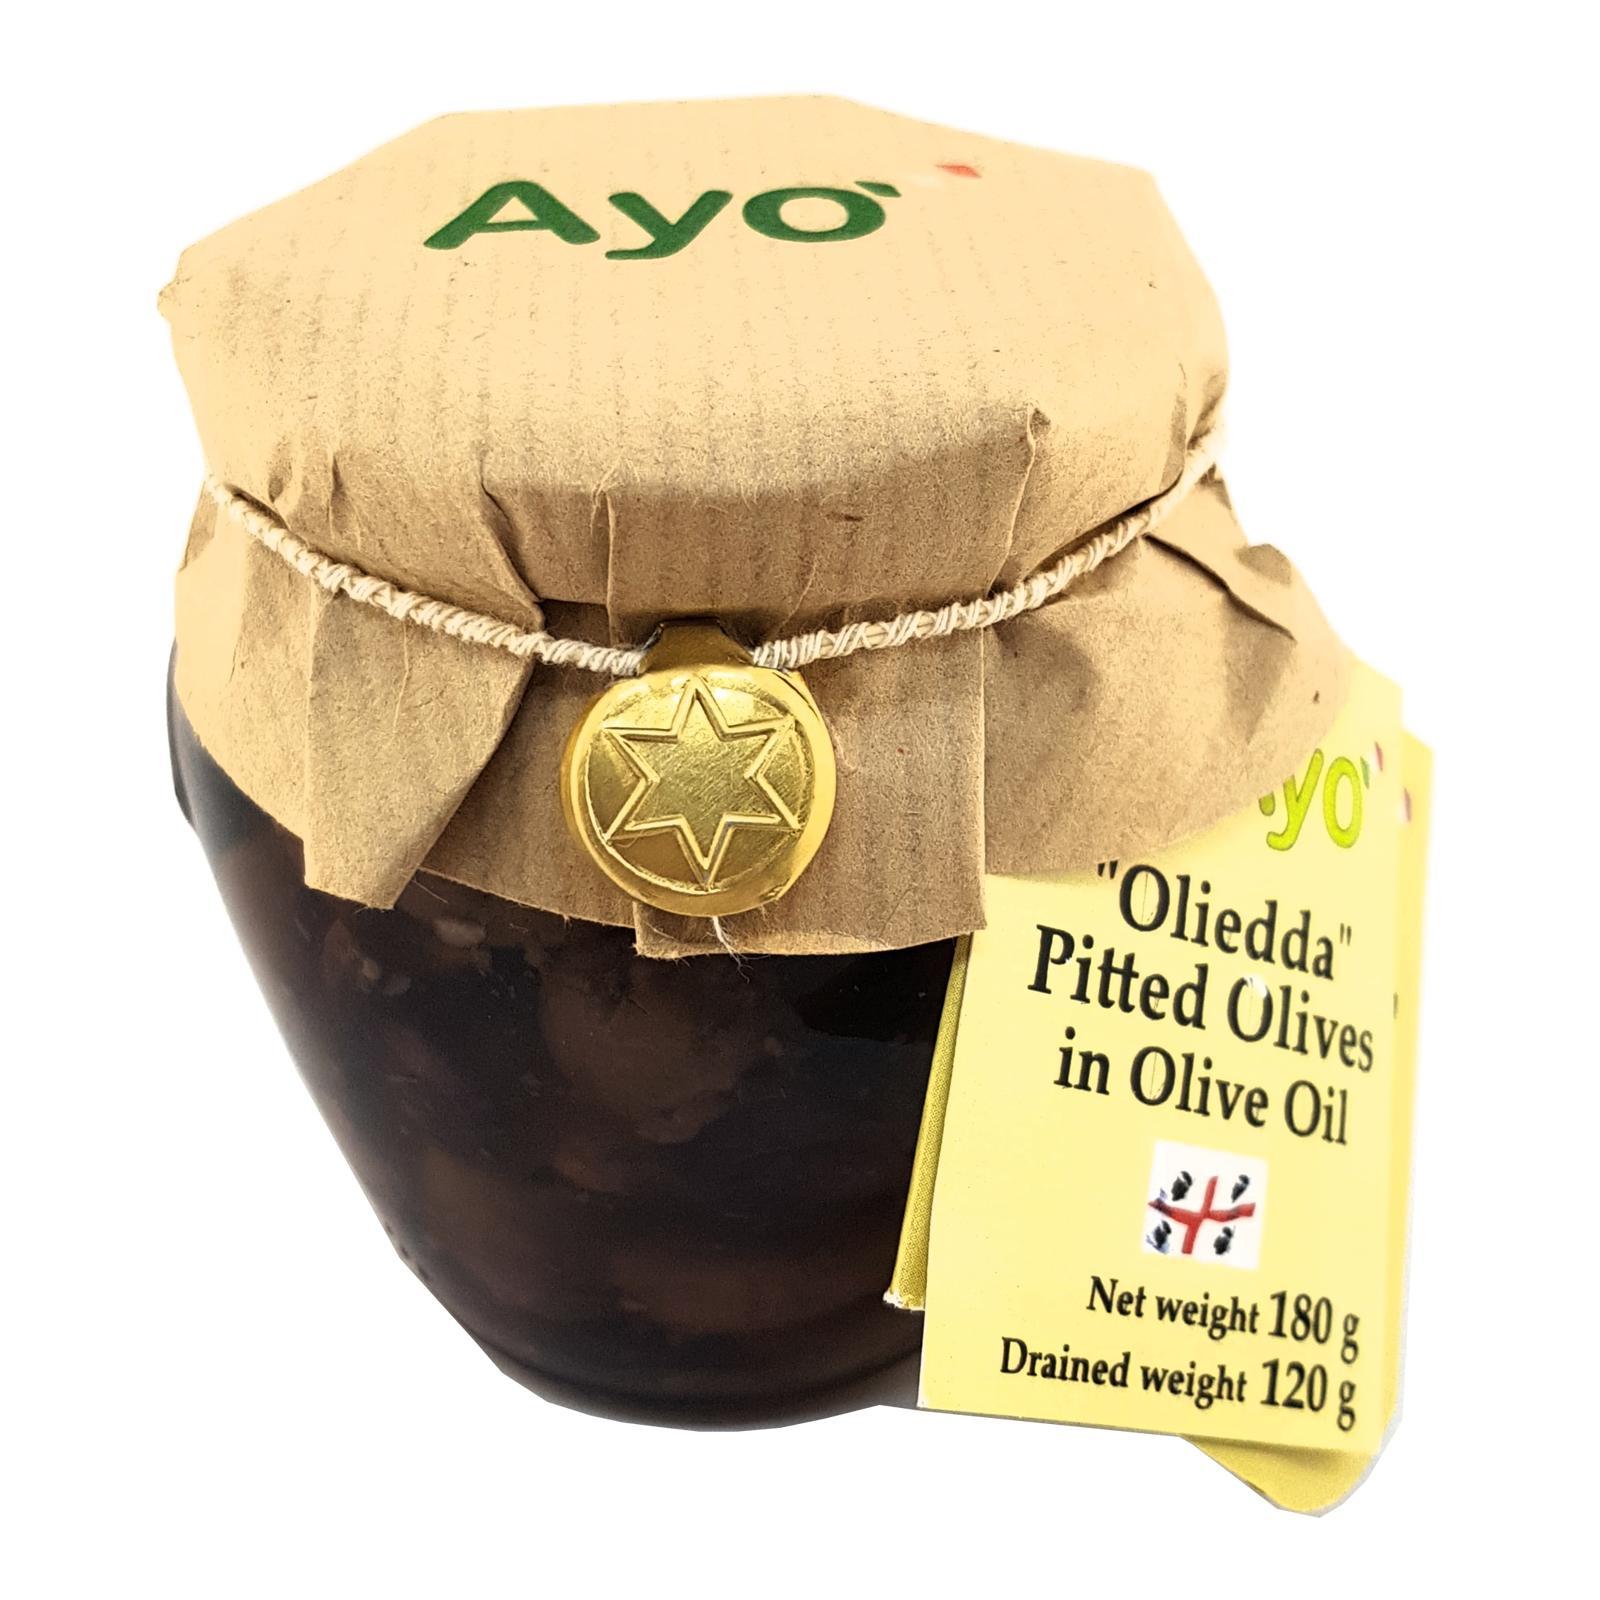 Ayo Oliedda Pitted Olives 180g By Horeca Marketplace.